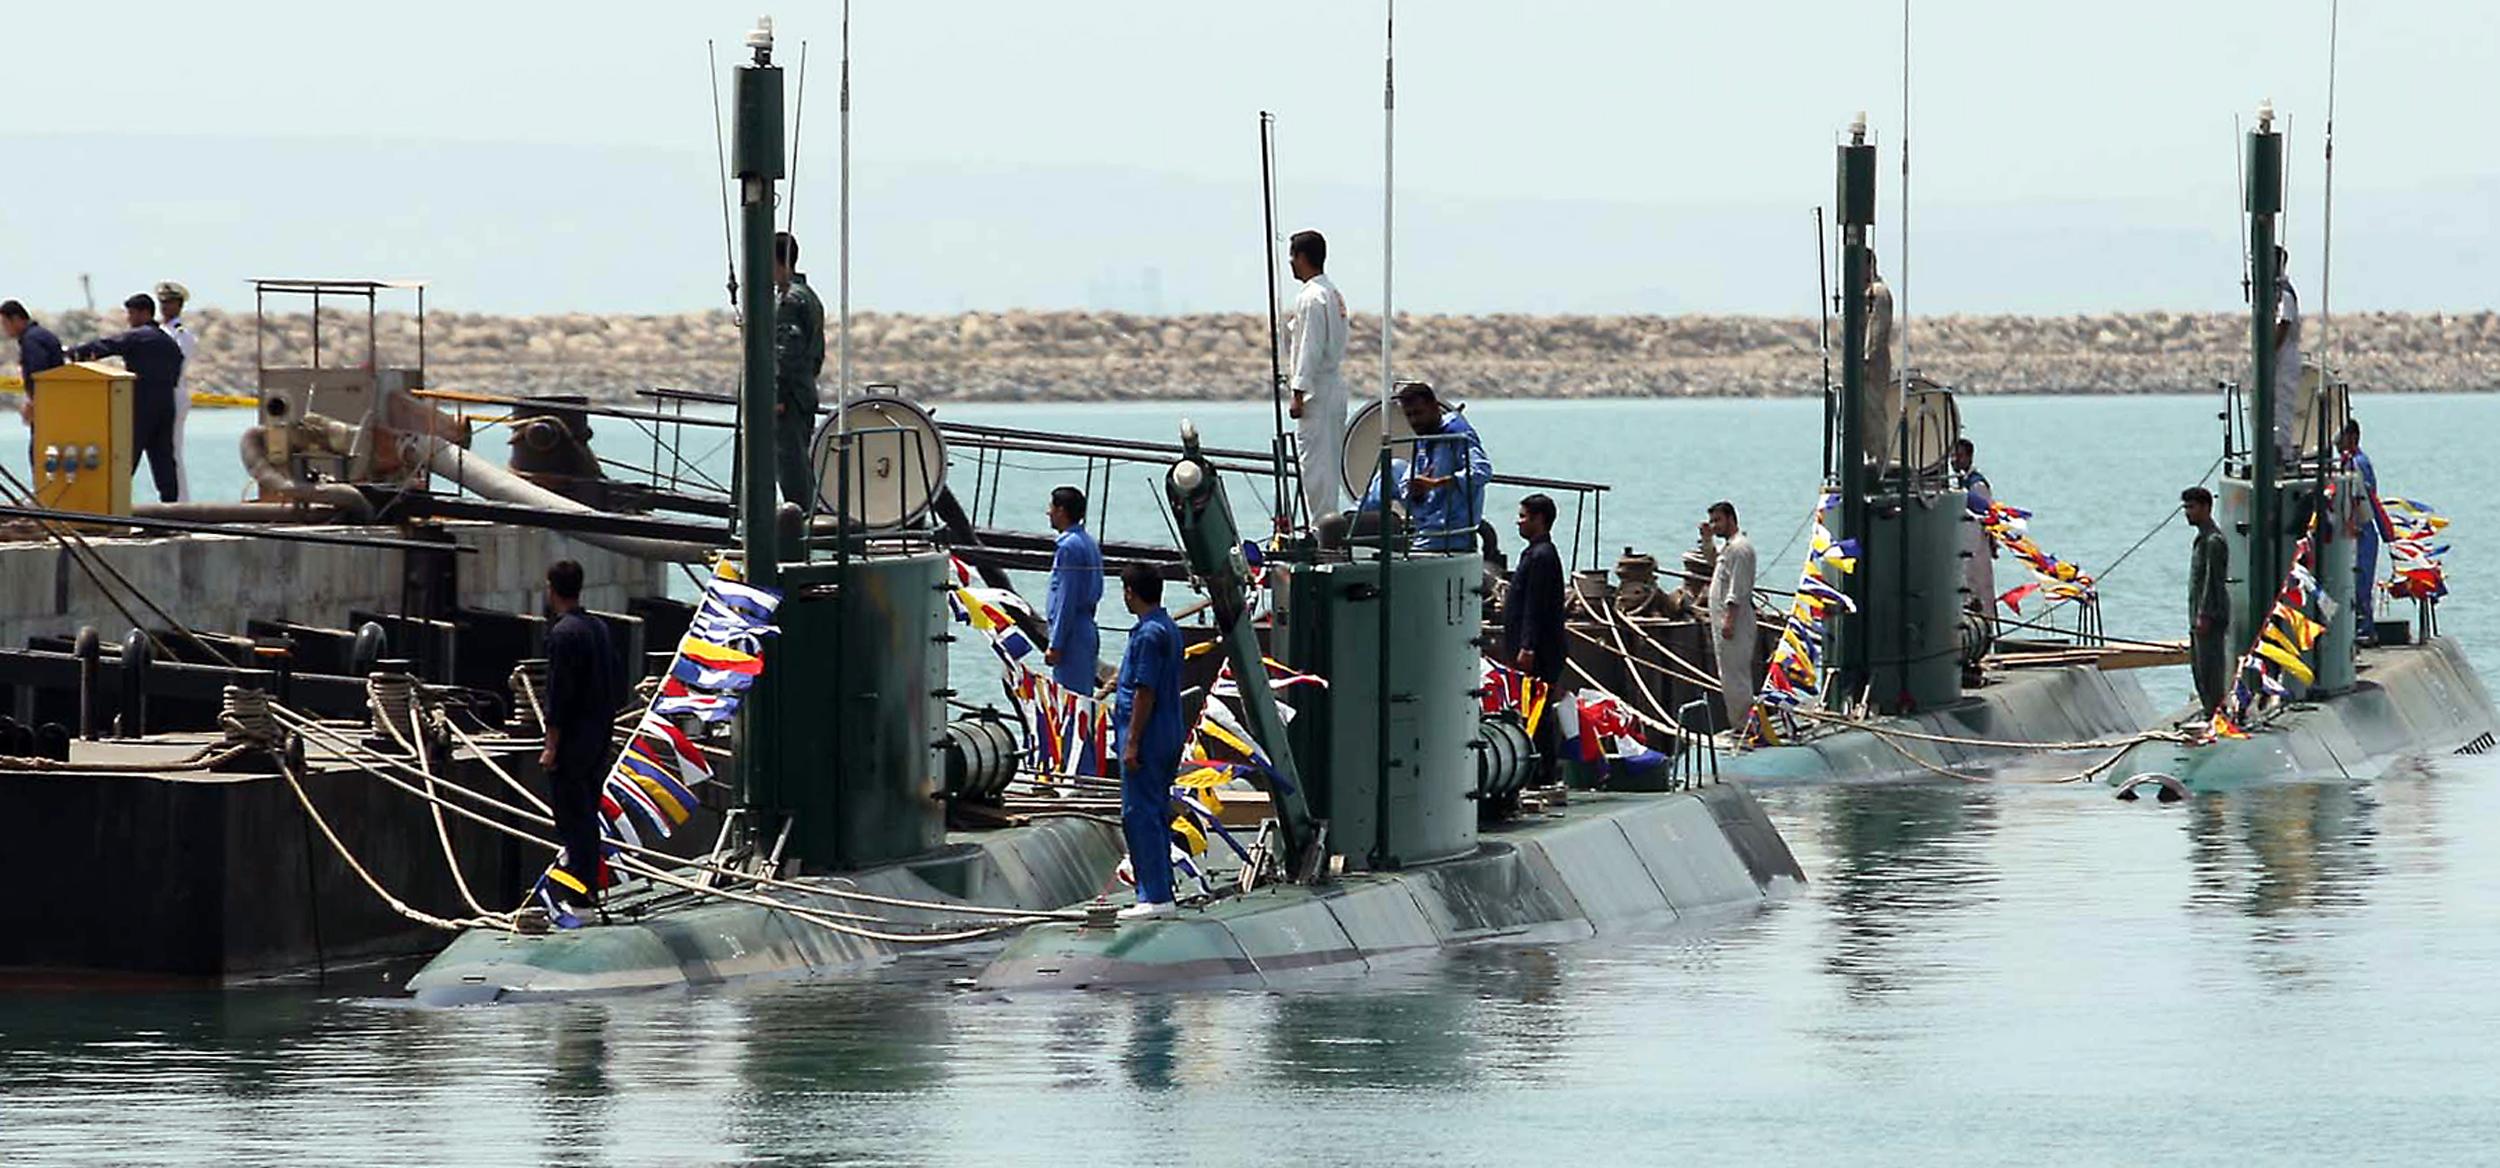 دراسة...الغواصــات في الخليــــج العــــربي DFN-dimdex-iran-threat